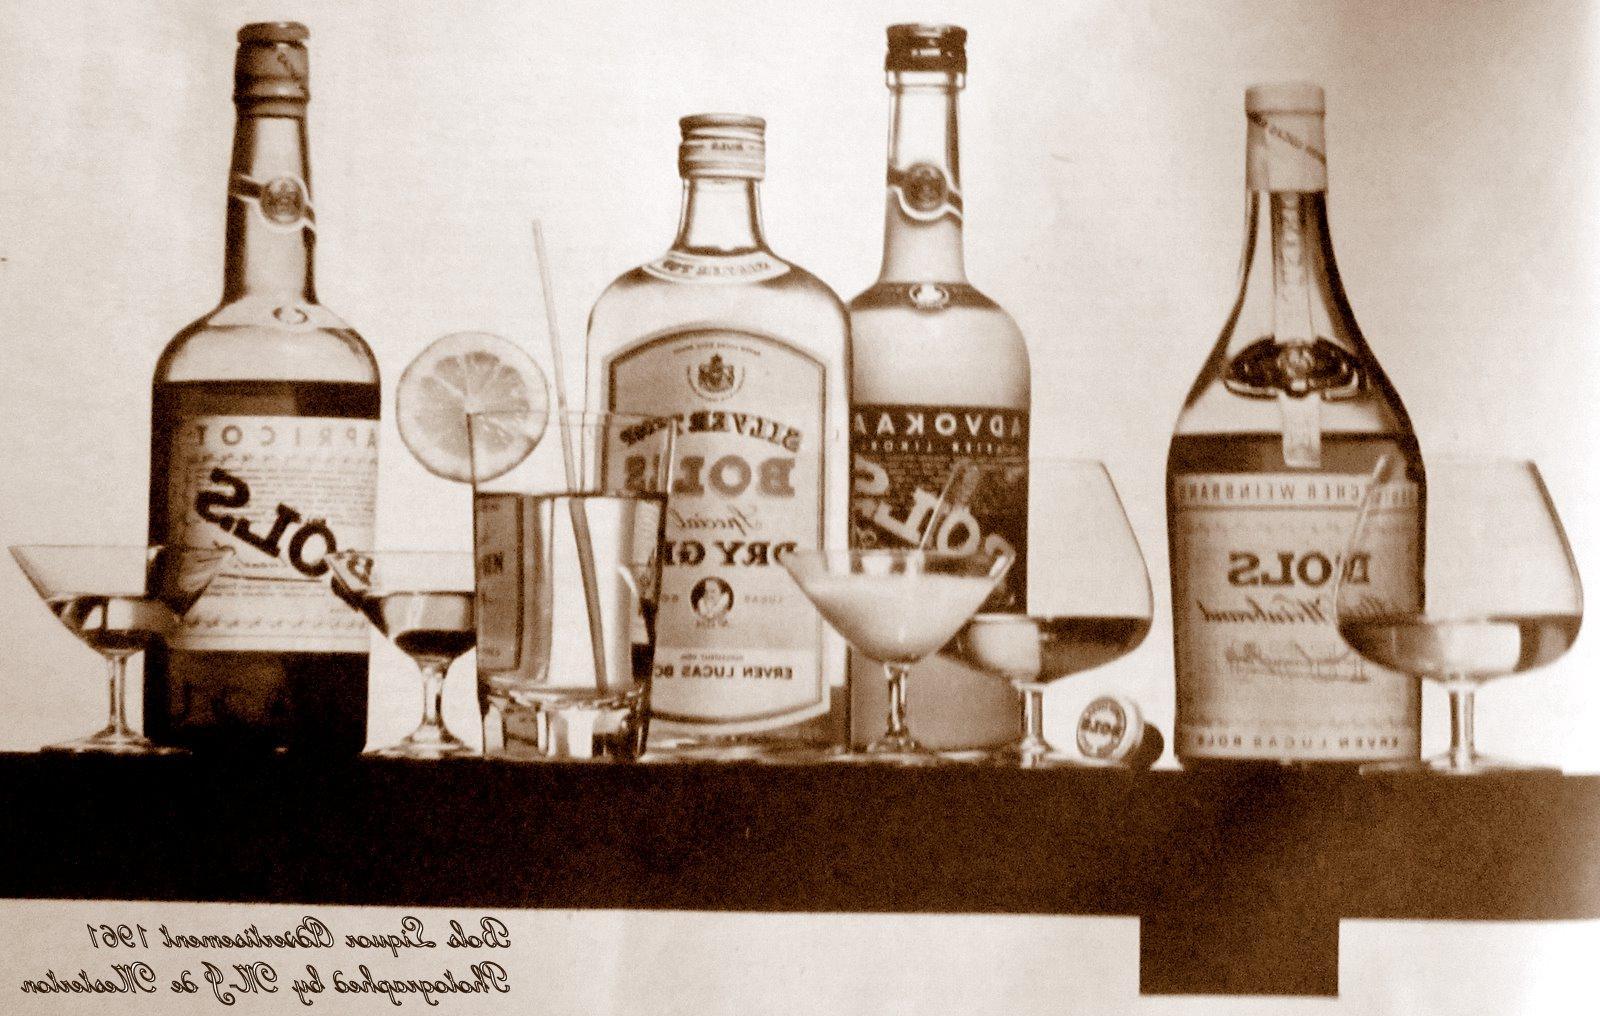 Elegant Cooking, elegant cuisine, Liquor Advert on 05 01 2011 at 9:31 am